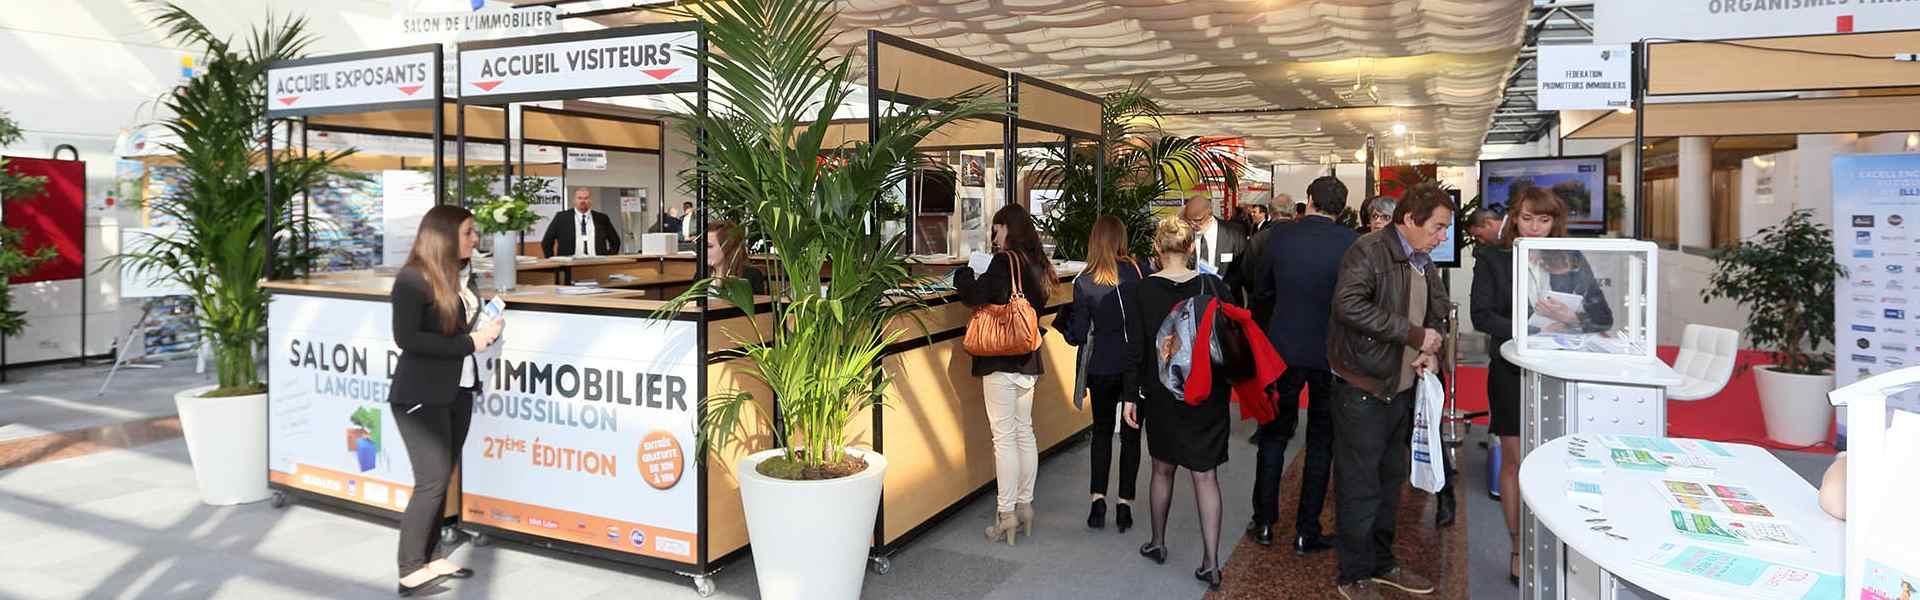 Programme immobilier Montpellier : Tout ce que je peux vous dire sur le sujet de l'achat d'un bien